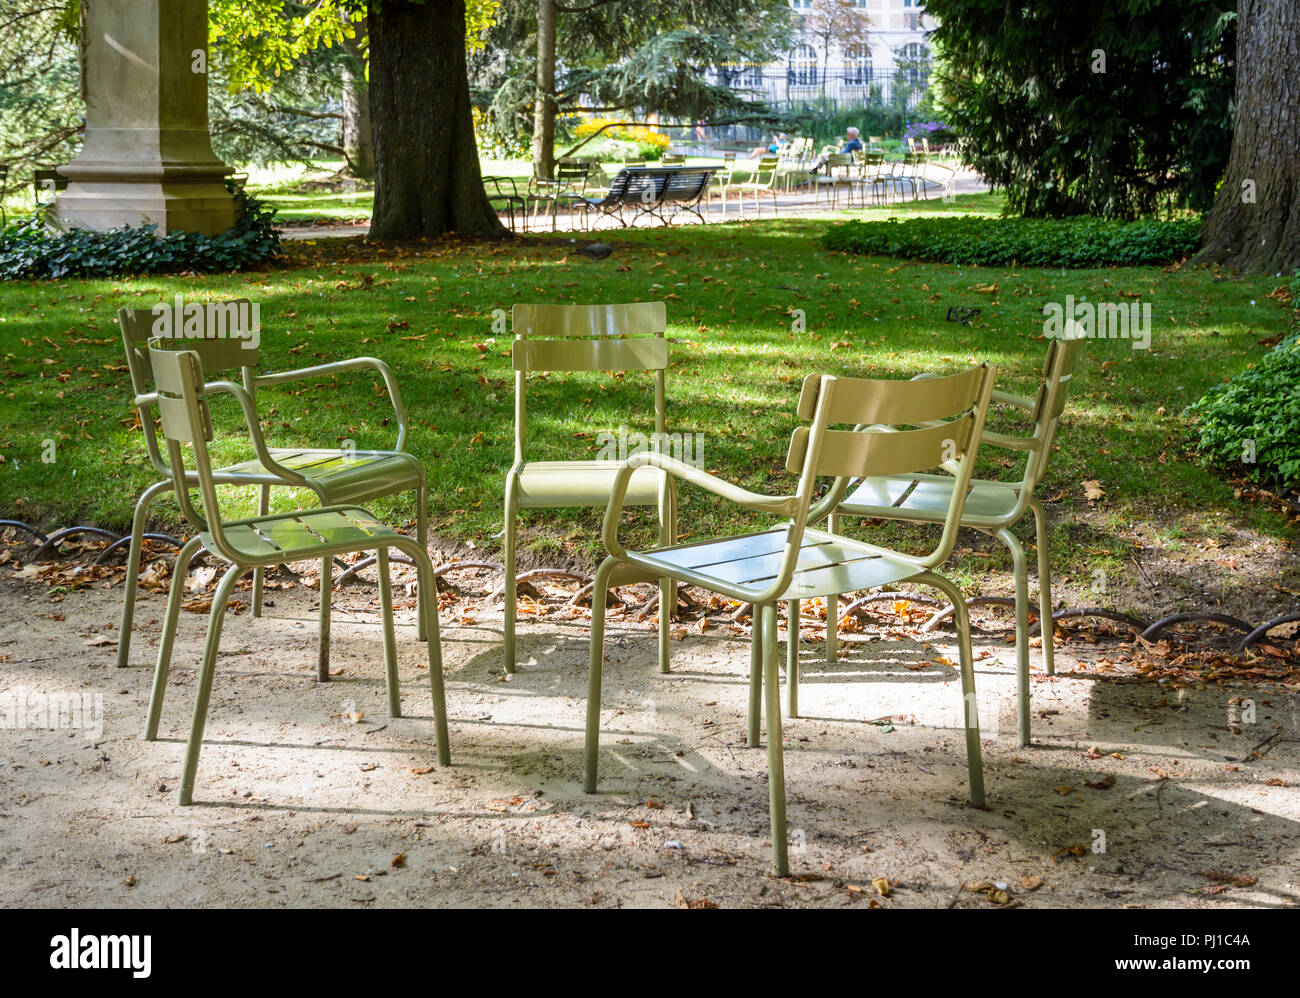 Sedie Francesi Da Giardino : Tipico verde prato di metallo sedie riuniti in cerchio in un